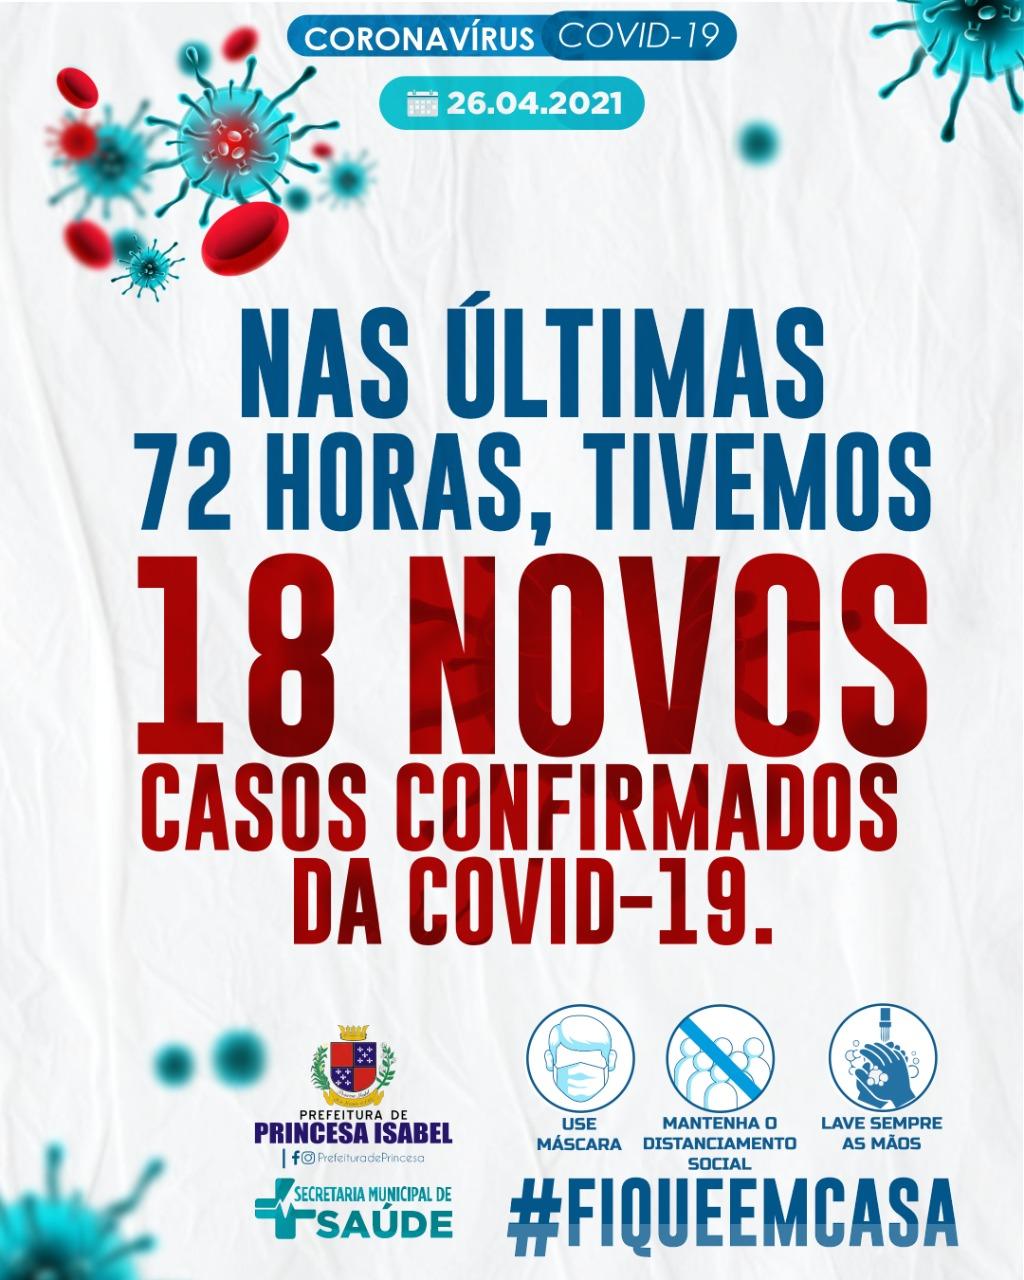 NAS ÚLTIMAS 72 HORAS, TIVEMOS 18 NOVOS CASOS CONFIRMADOS DA COVID-19.